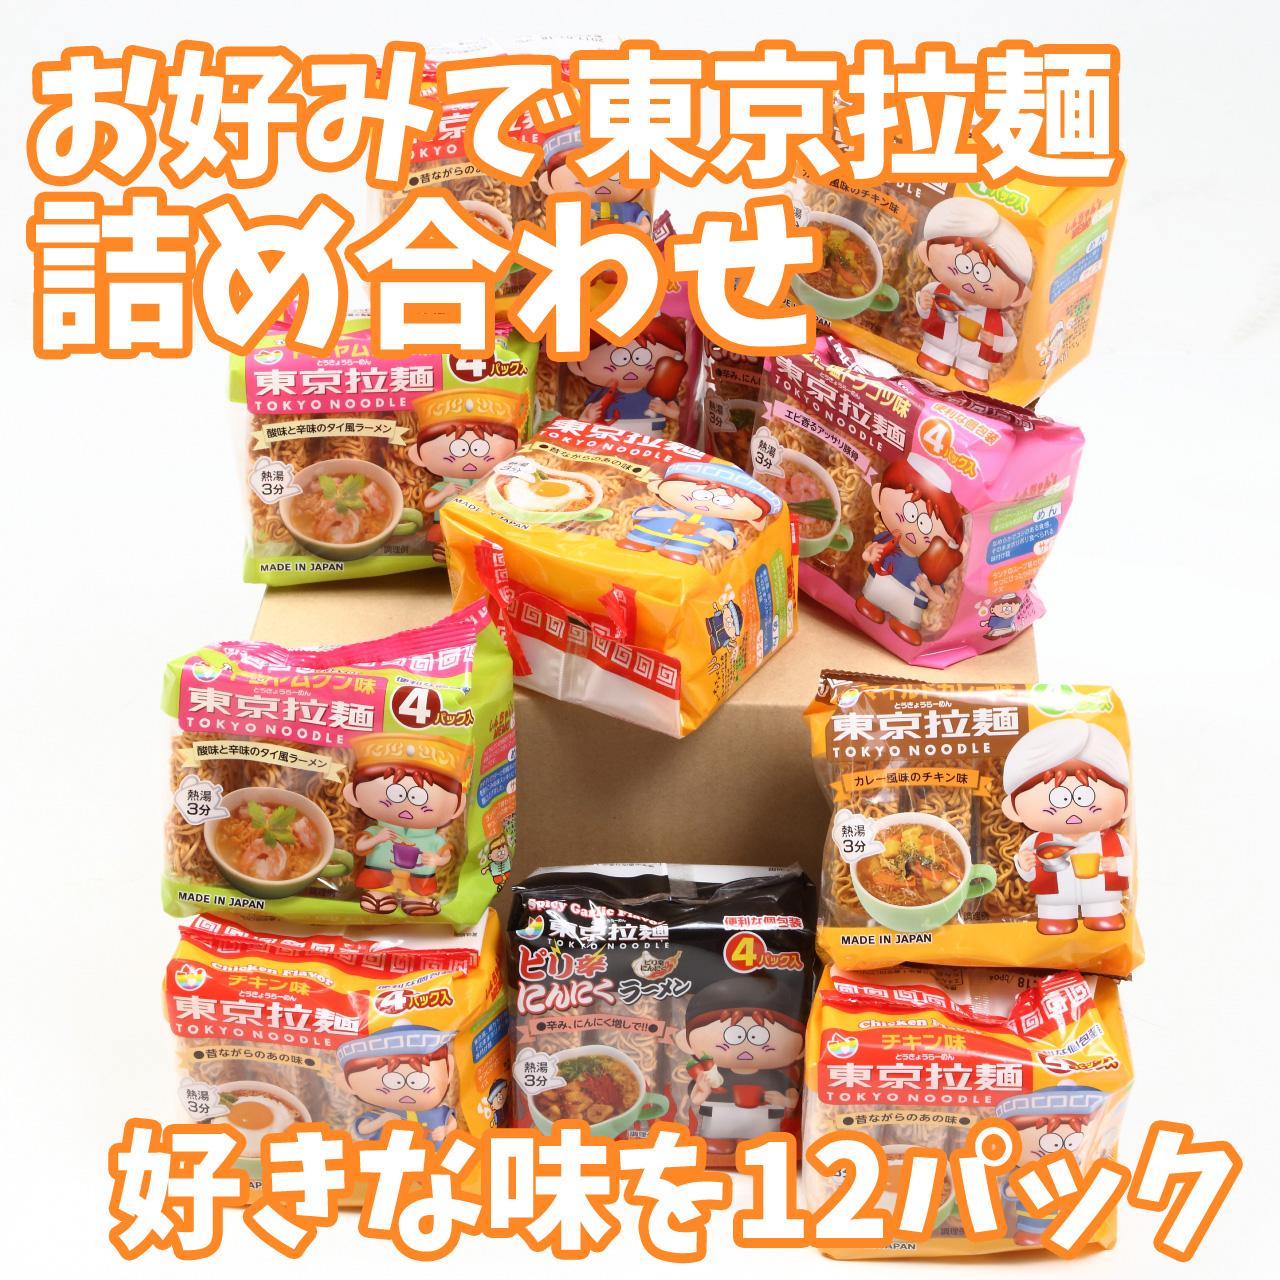 【東京拉麺】お好みで東京拉麺詰め合わせ 12入